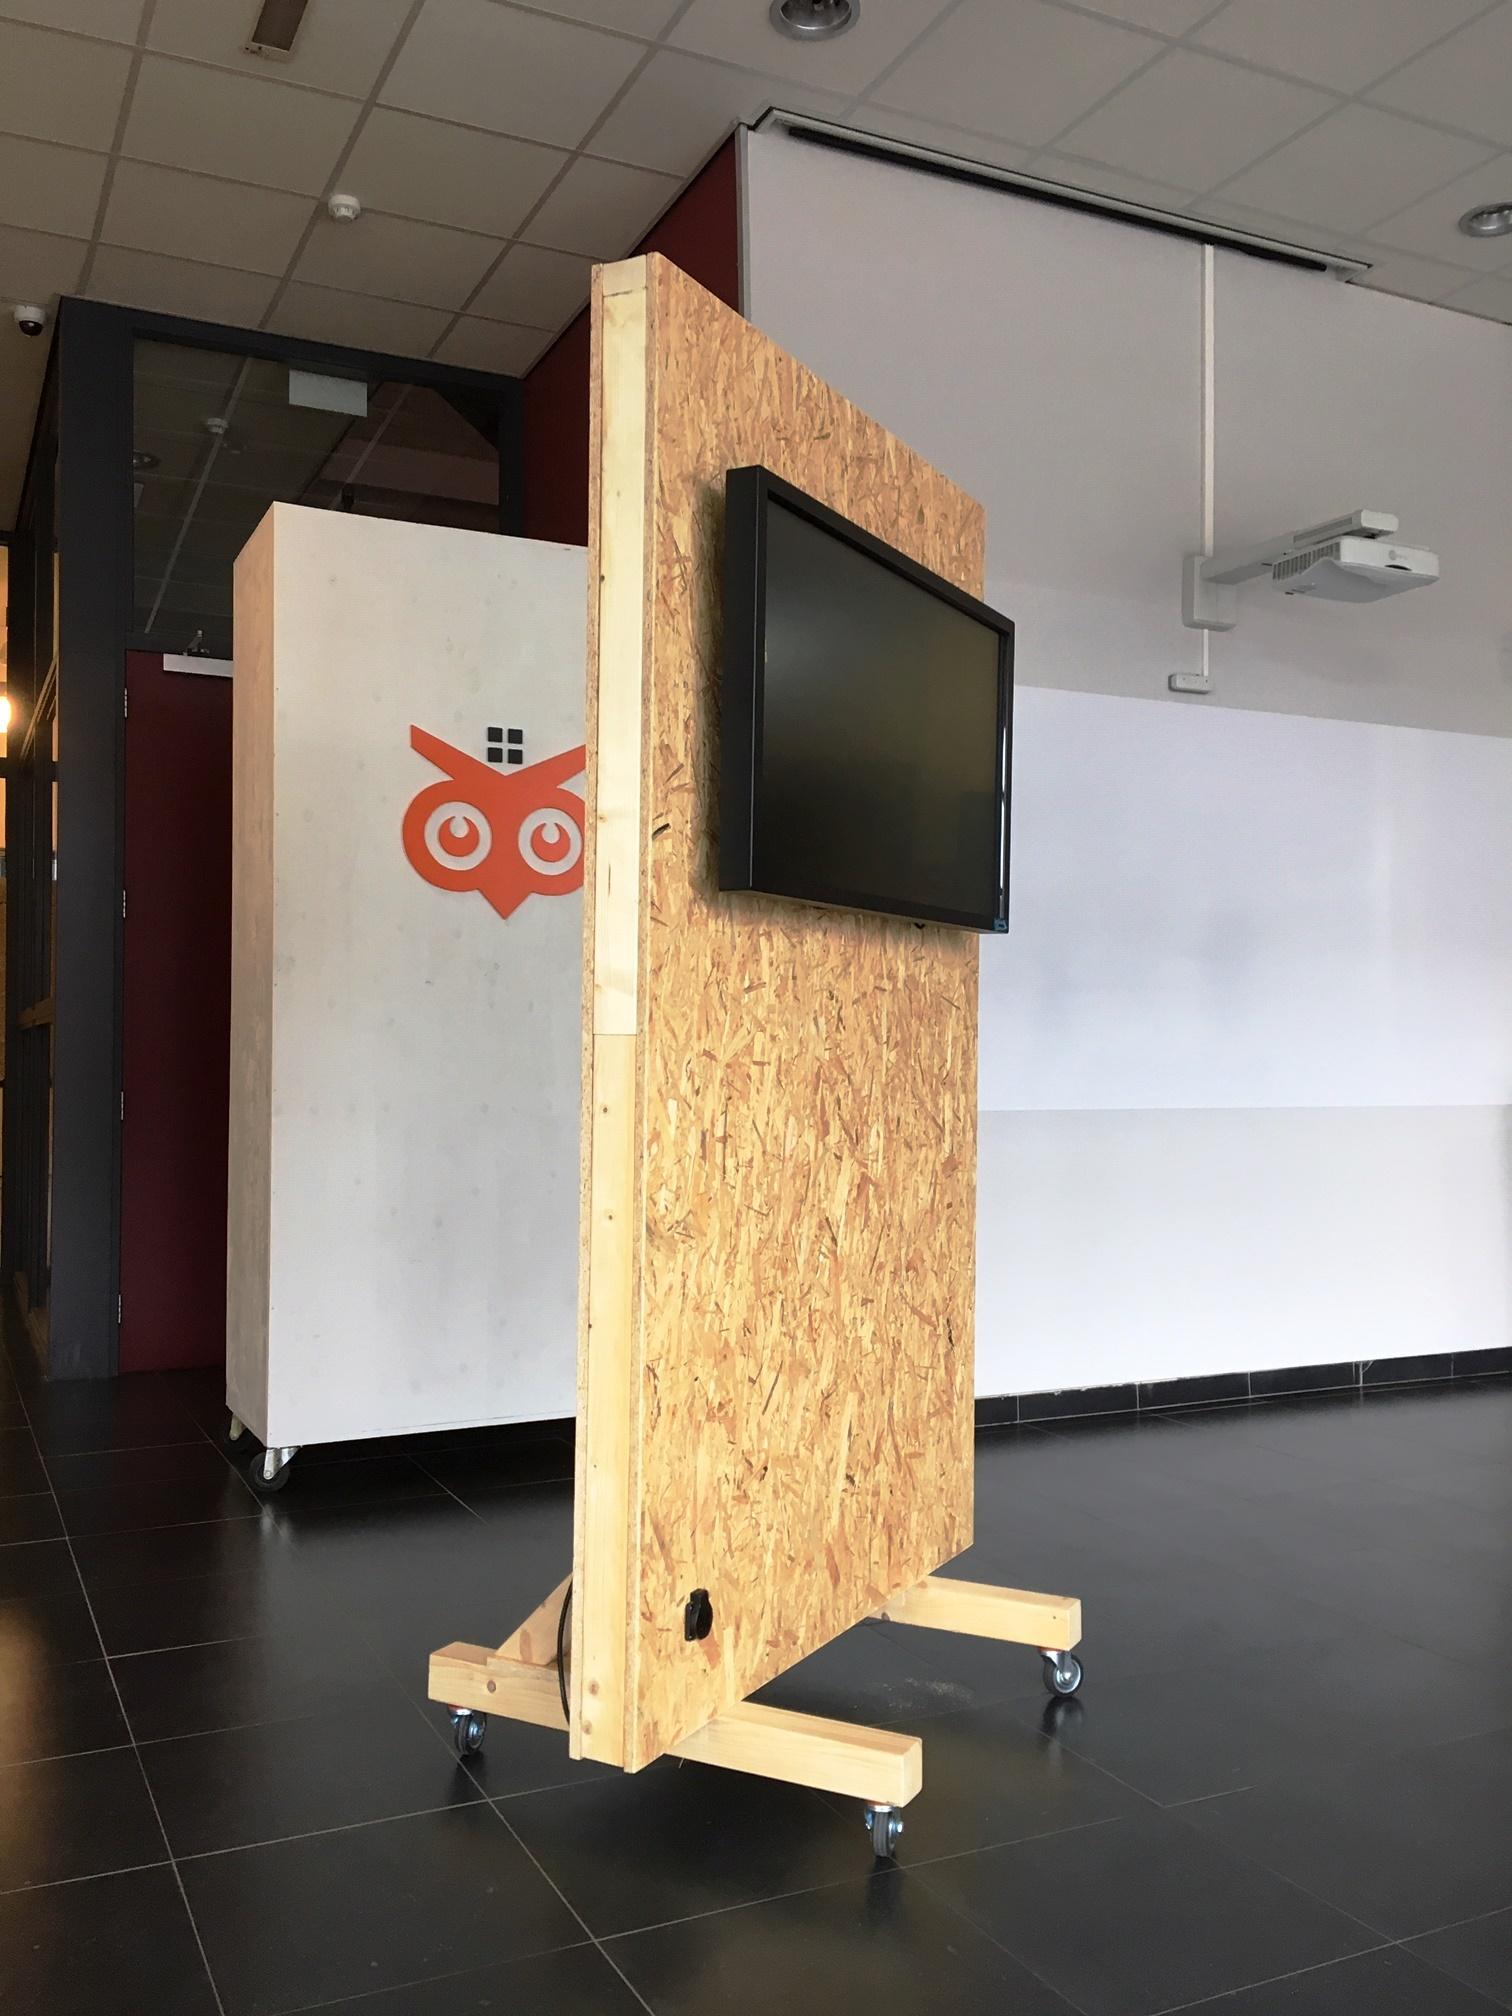 Design Tv Meubel Verrijdbaar.Innovatiecentrum Imagine